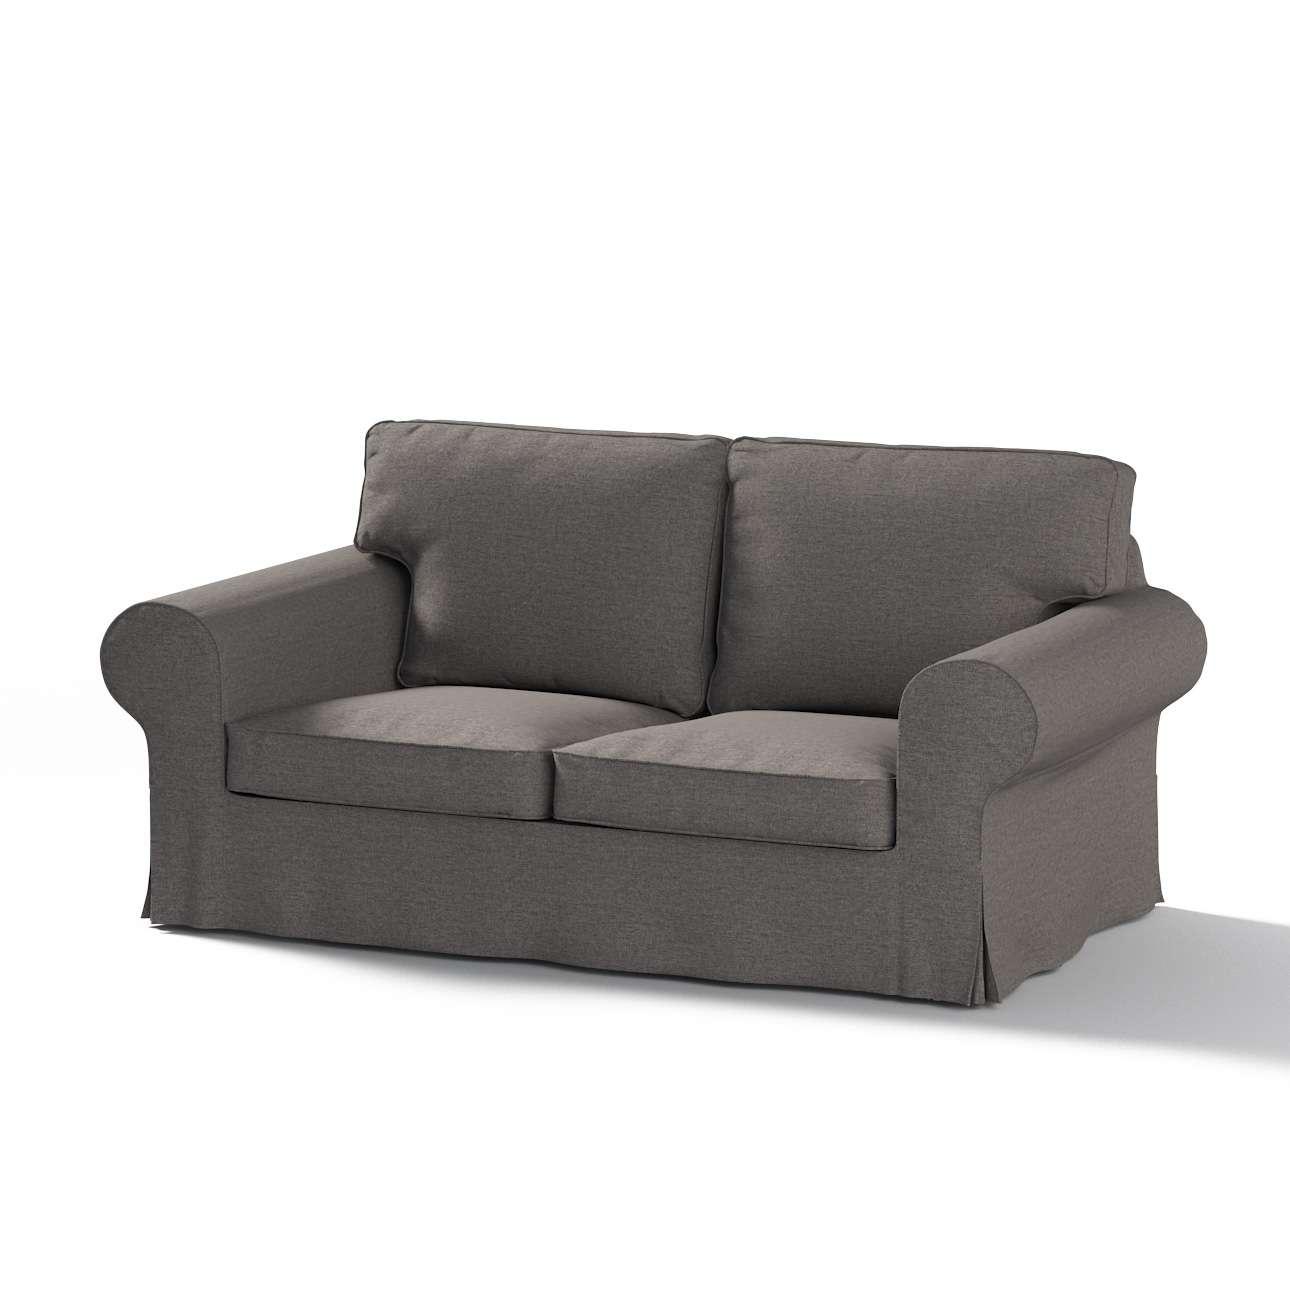 IKEA hoes voor Ektorp 2-zits slaapbank - NIEUW model van de collectie Edinburgh, Stof: 115-77